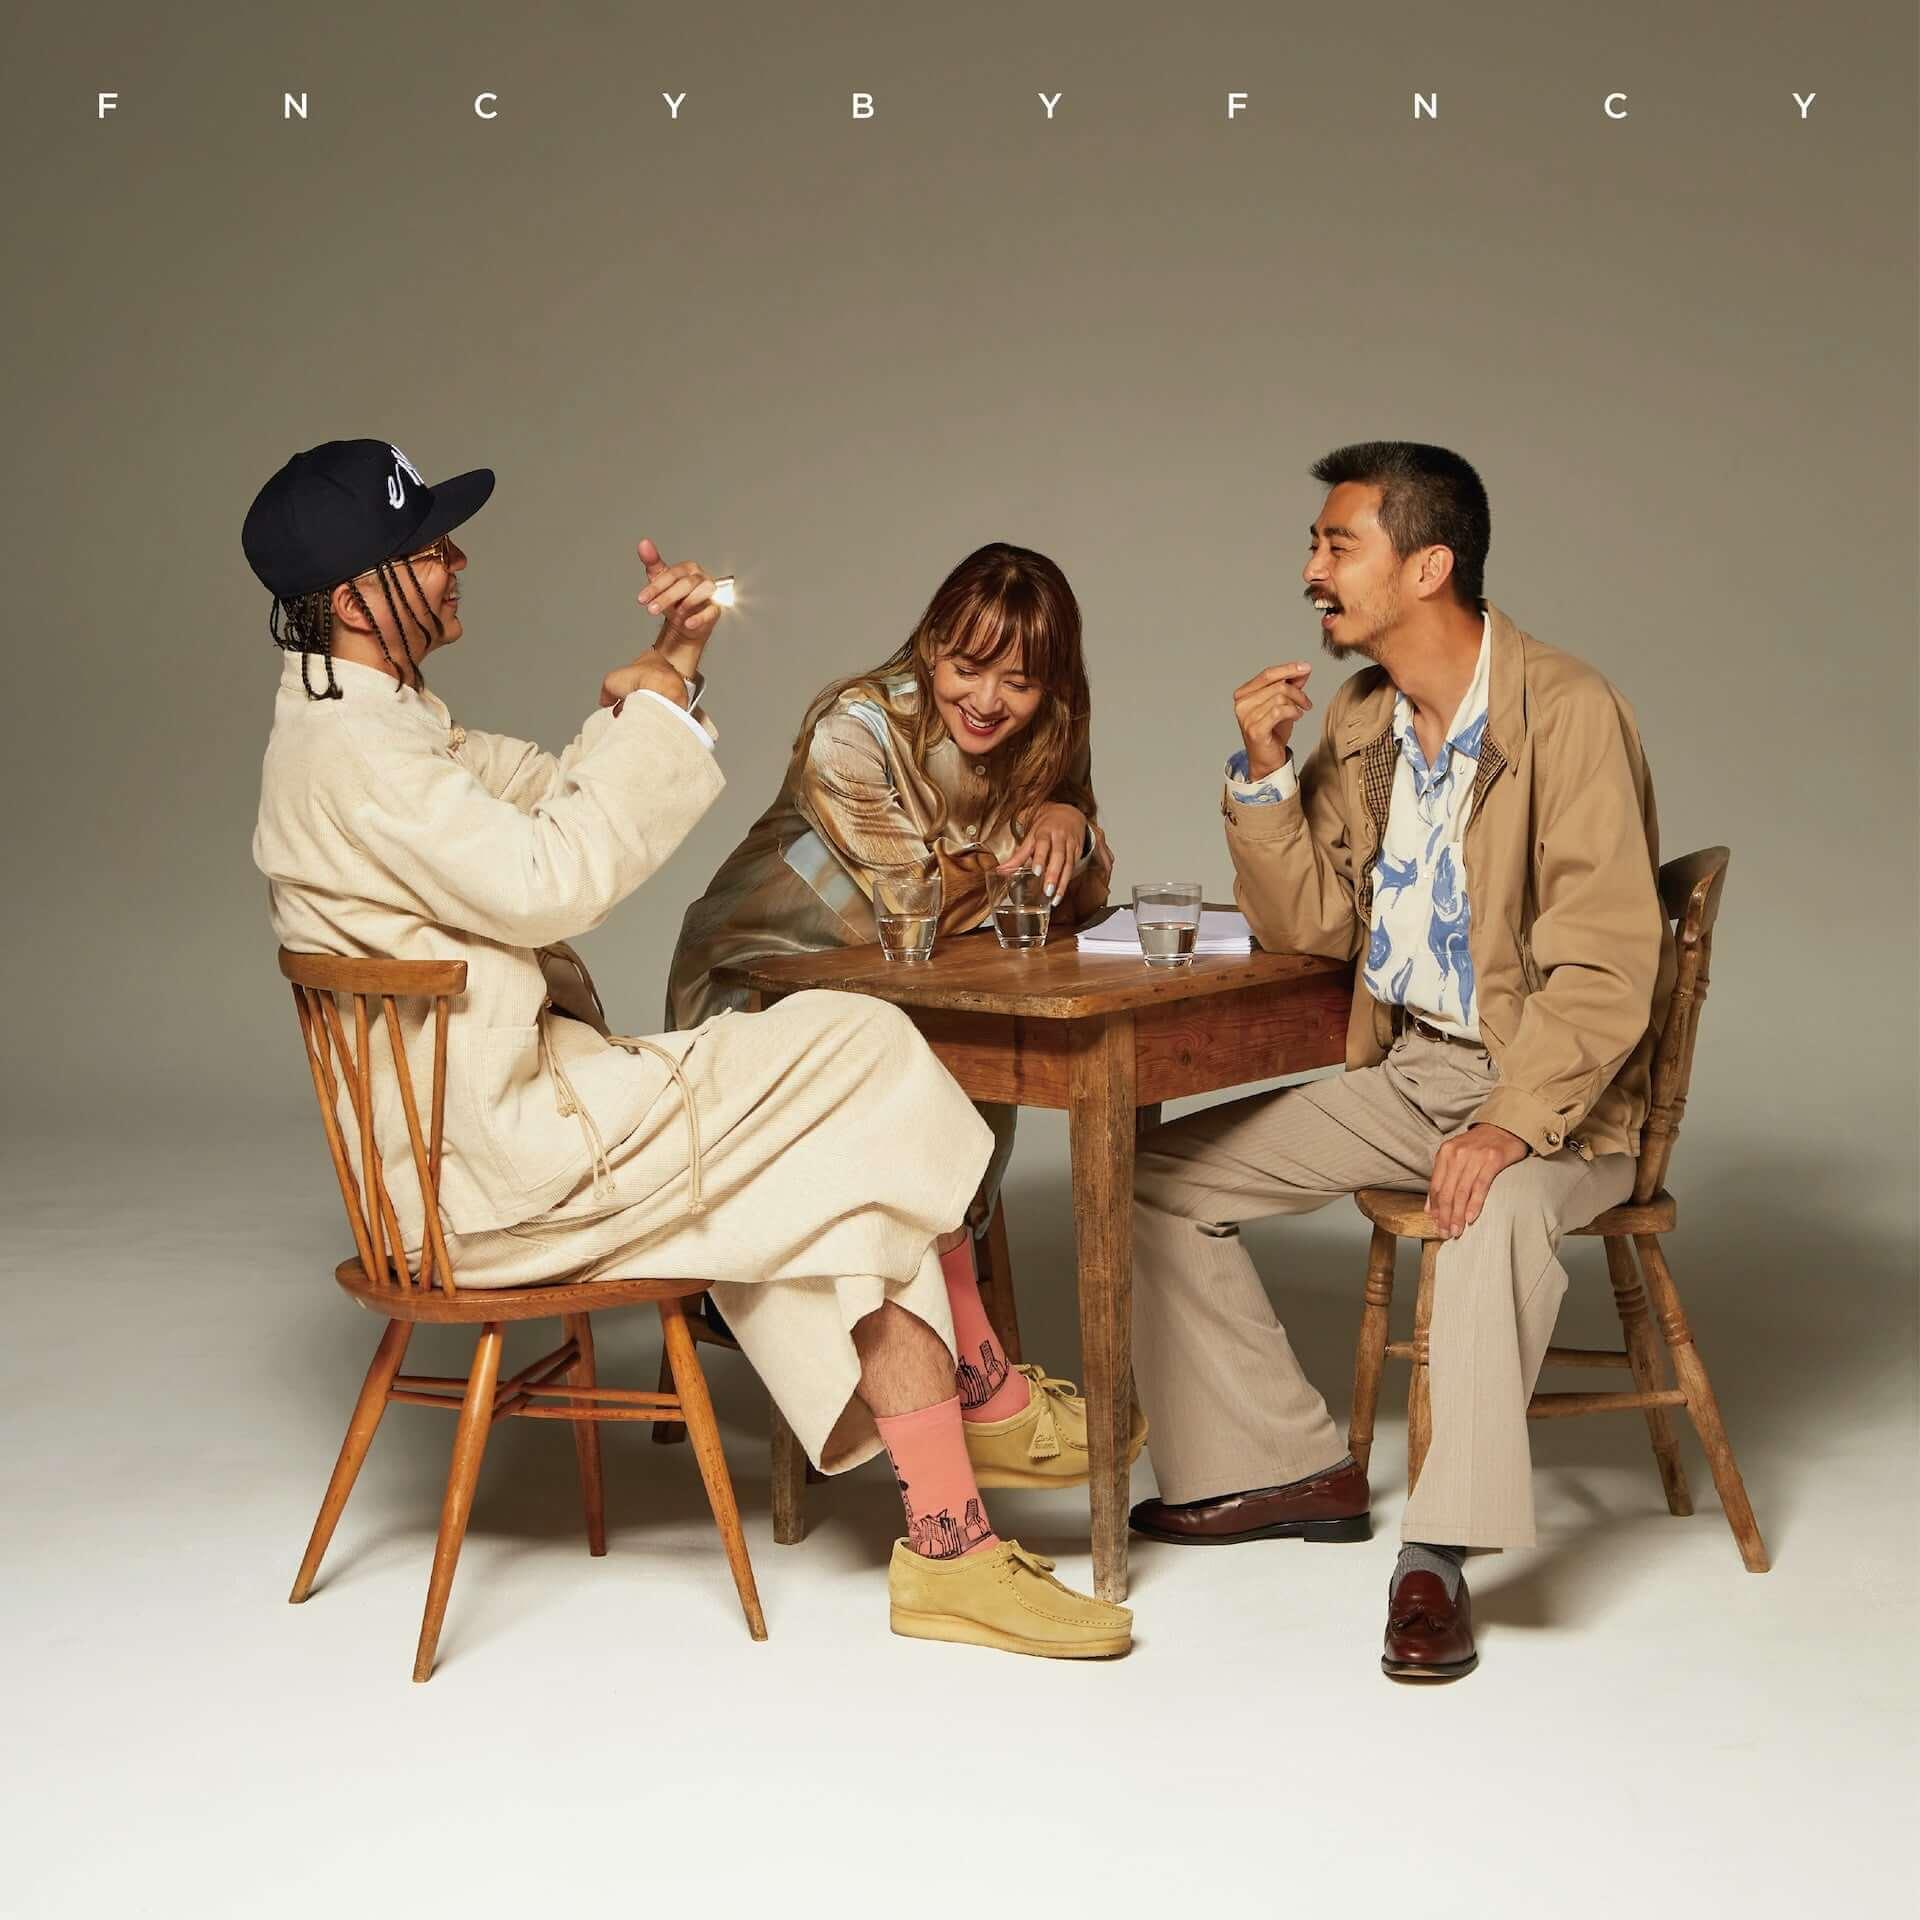 """FNCYの2ndアルバム『FNCY BY FNCY』収録曲""""FU-TSU-U(NEW NORMAL)""""のMVが公開!Mr.麿が監督 music210916_fncy_2"""